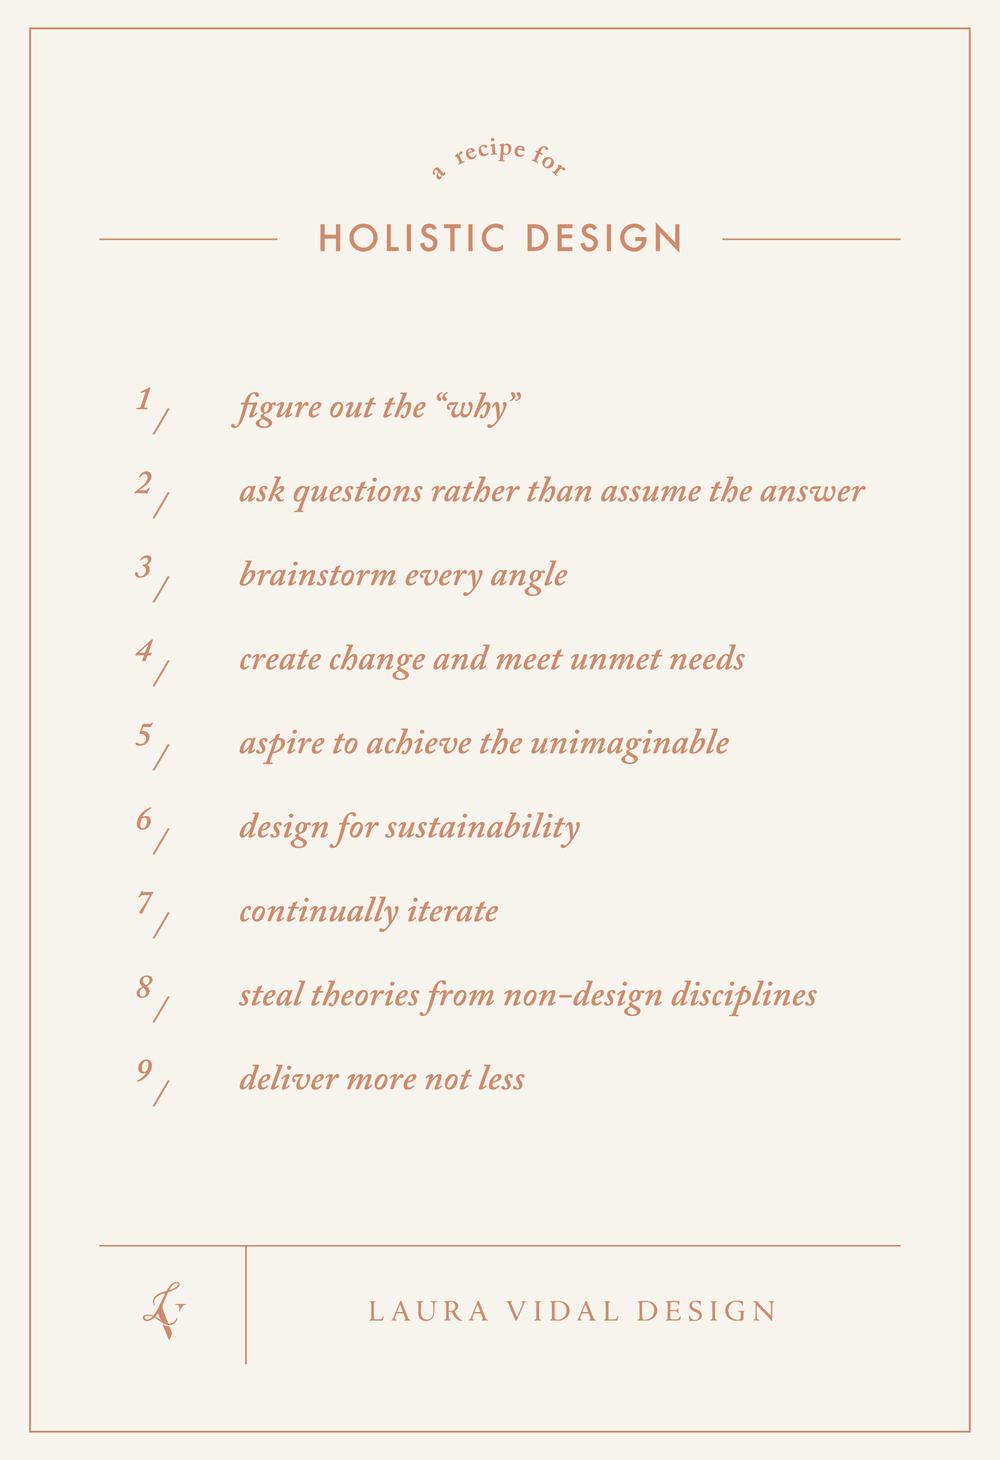 holistic-design-laura-vidal-design.png